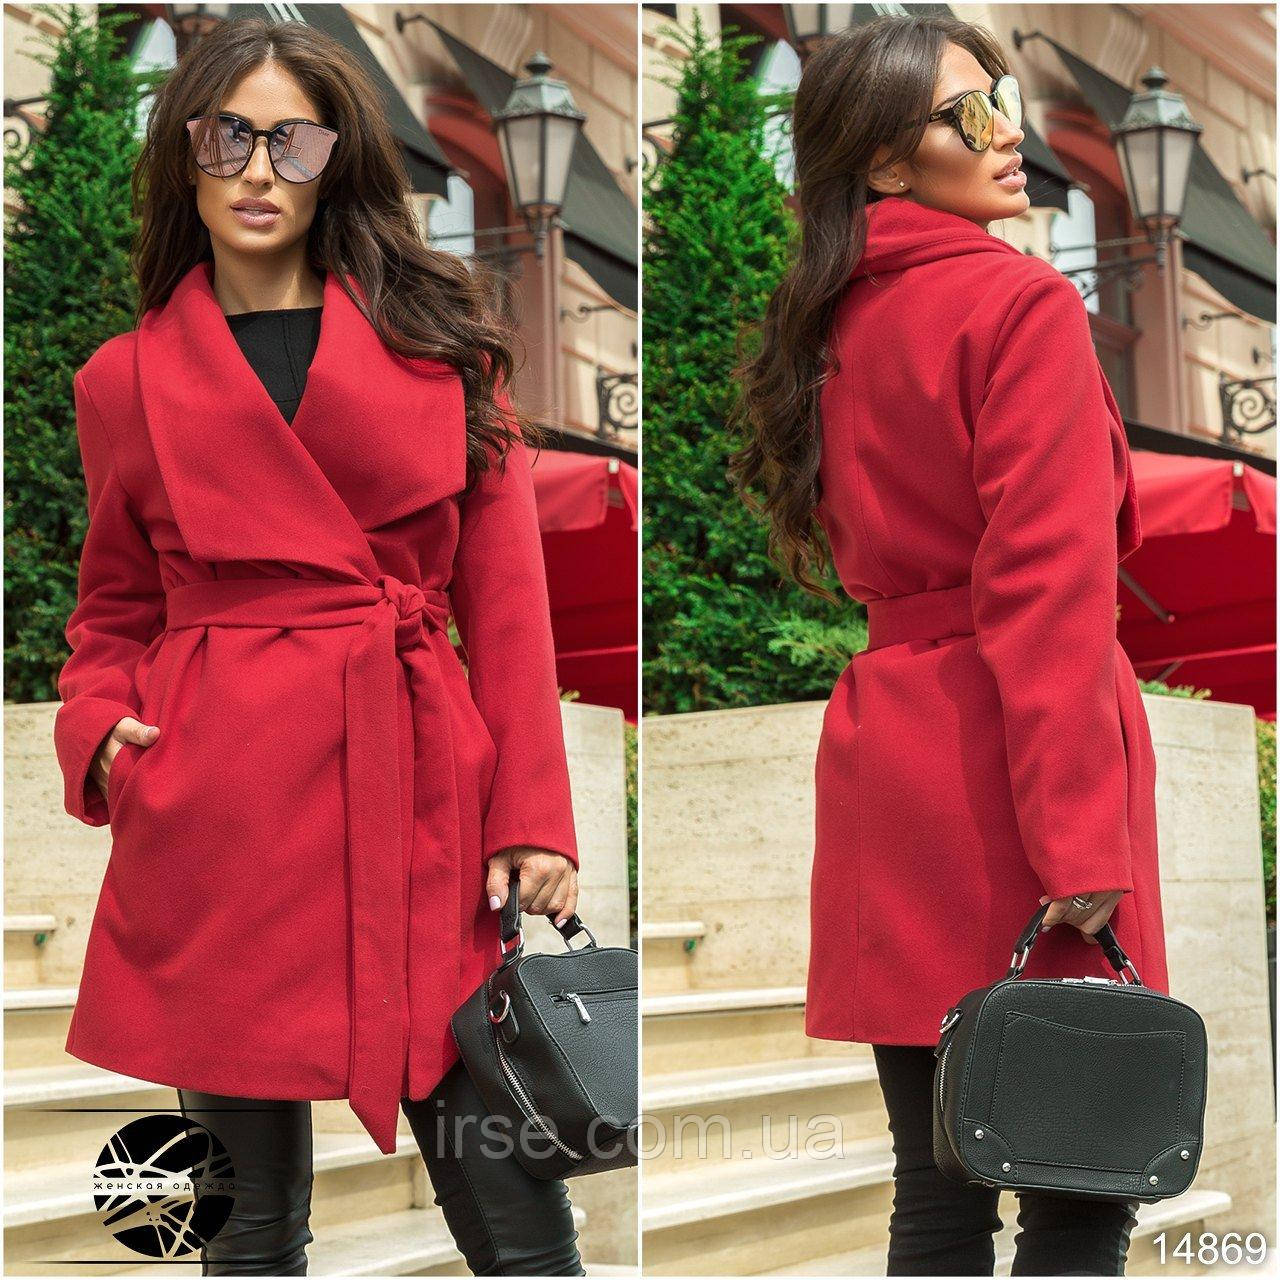 d4ce2e2c653 Женское кашемировое пальто красного цвета с поясом размеры 42-52 ...